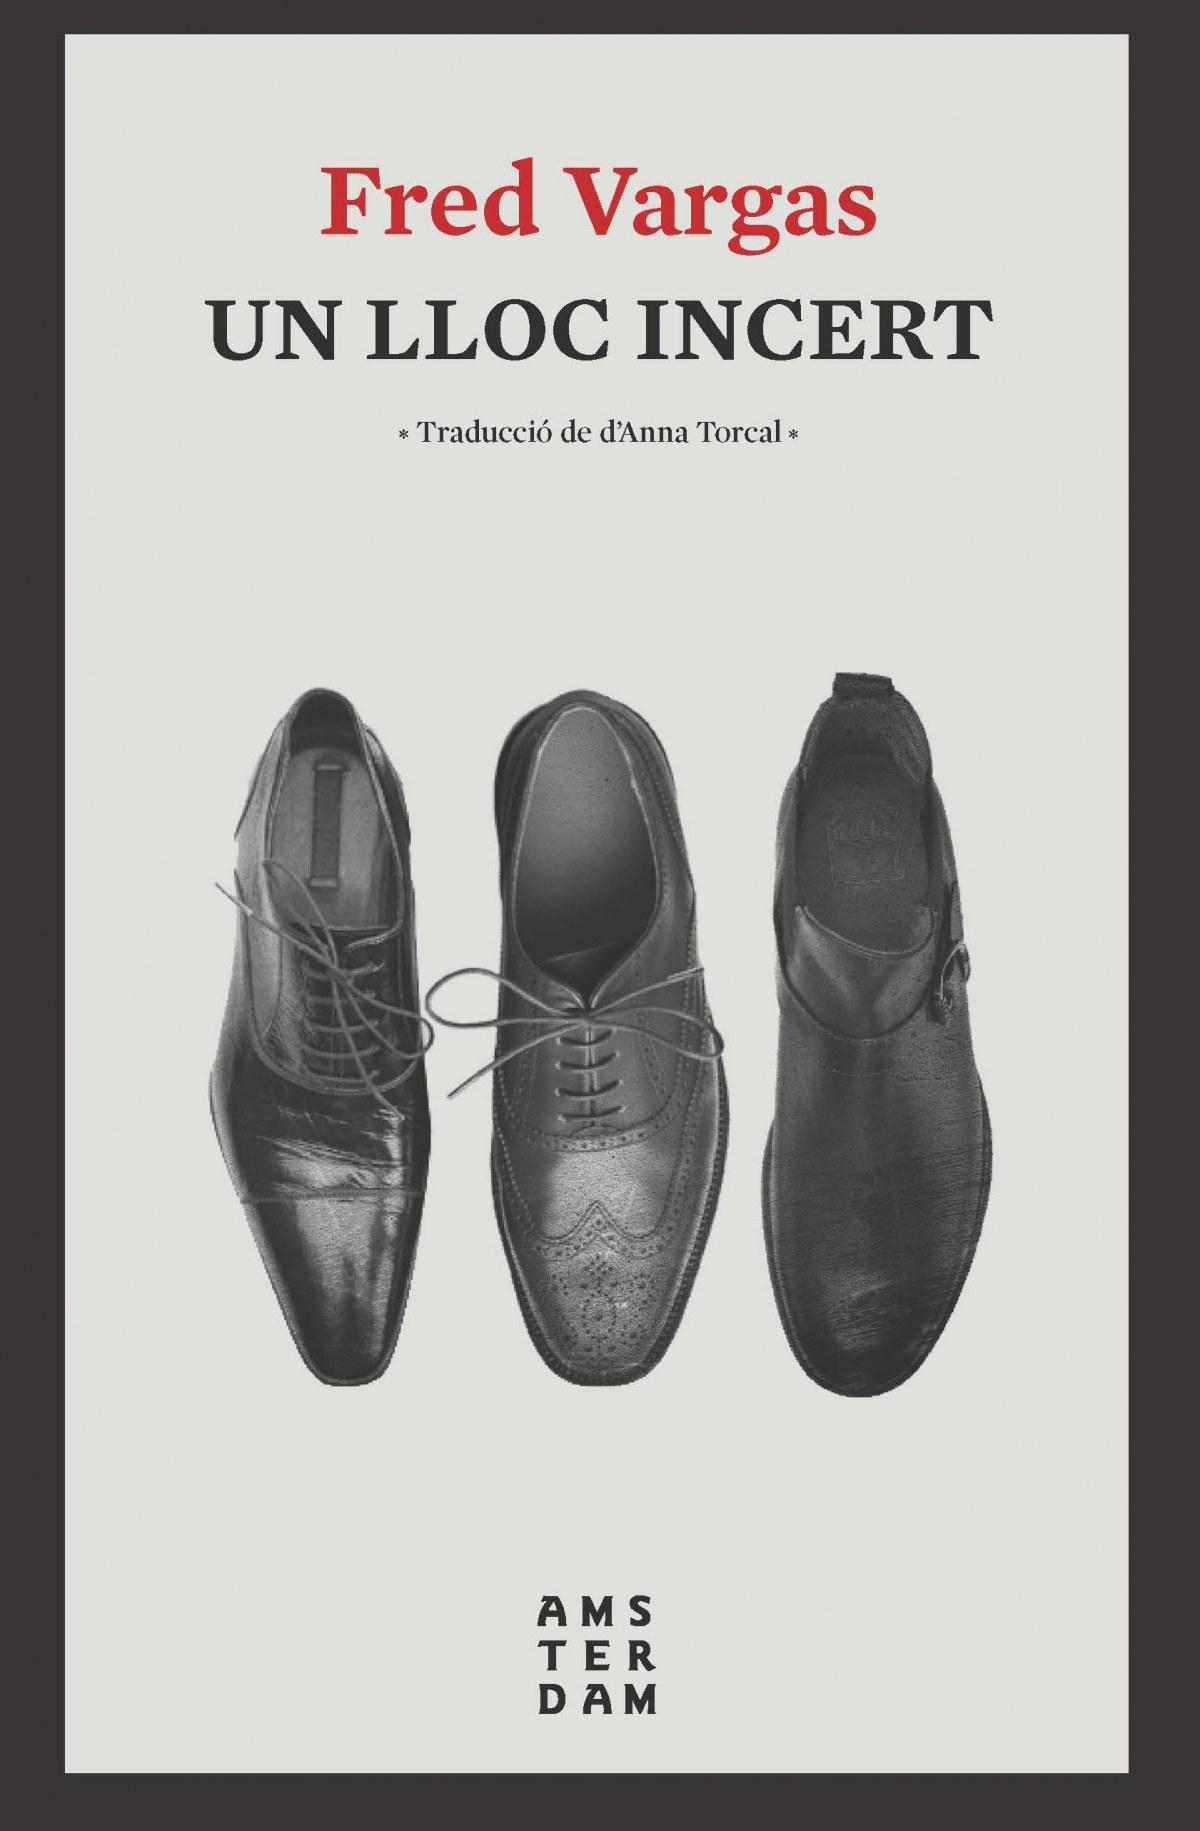 UN LLOC INCERT